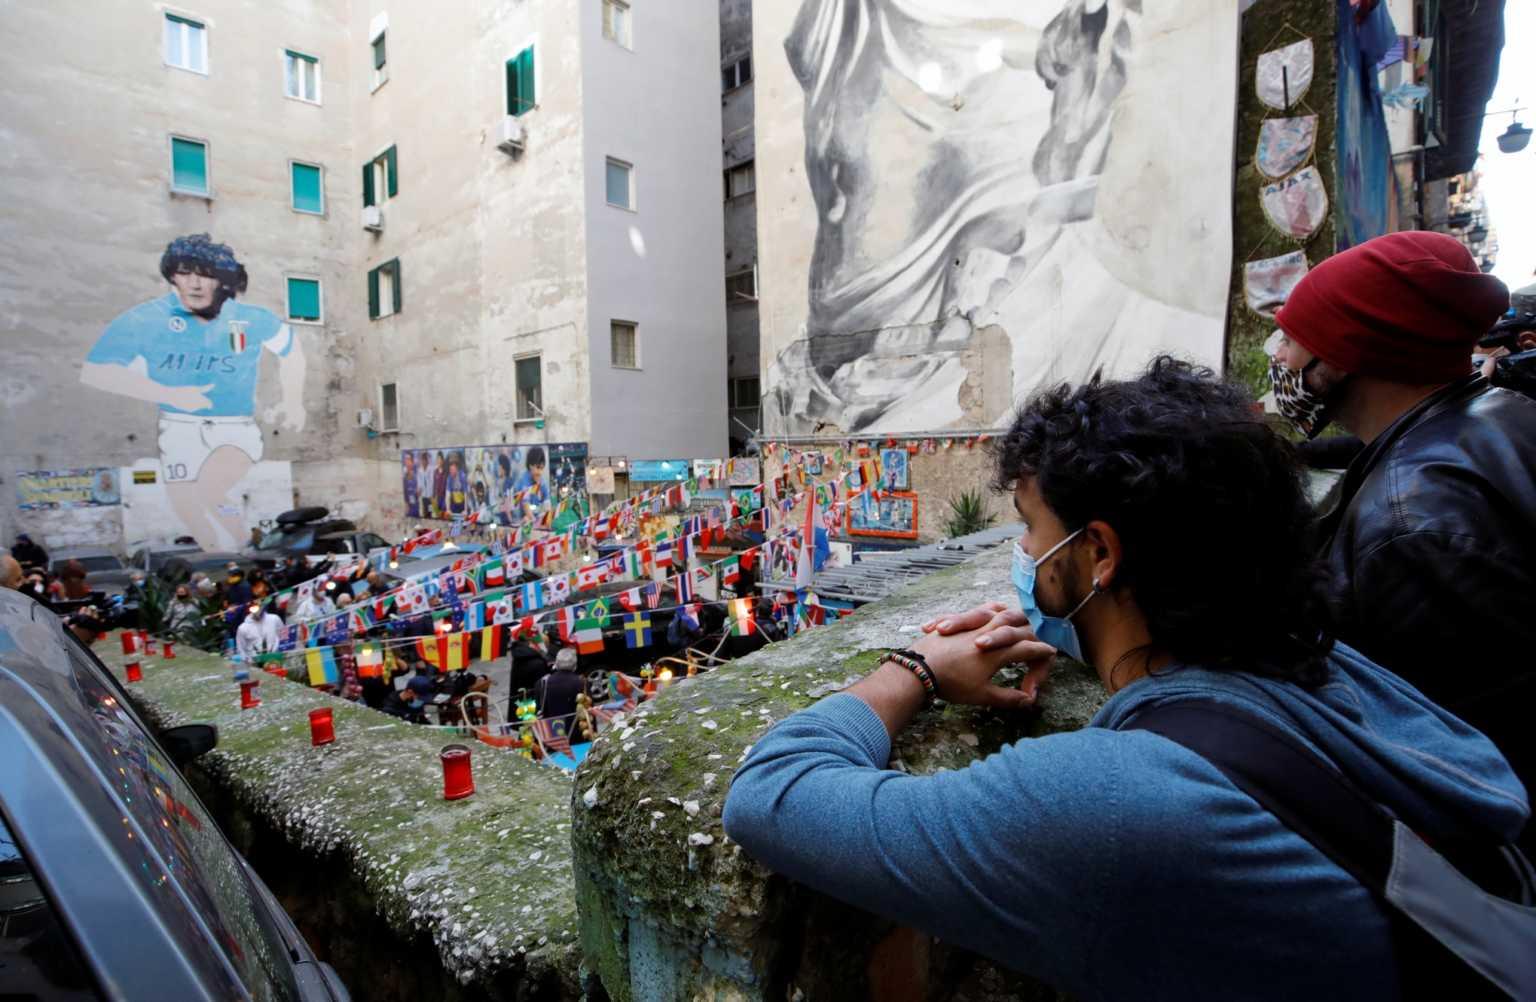 Ντιέγκο Μαραντόνα: Λαϊκό προσκύνημα για τον θεό της μπάλας σε Live Streaming